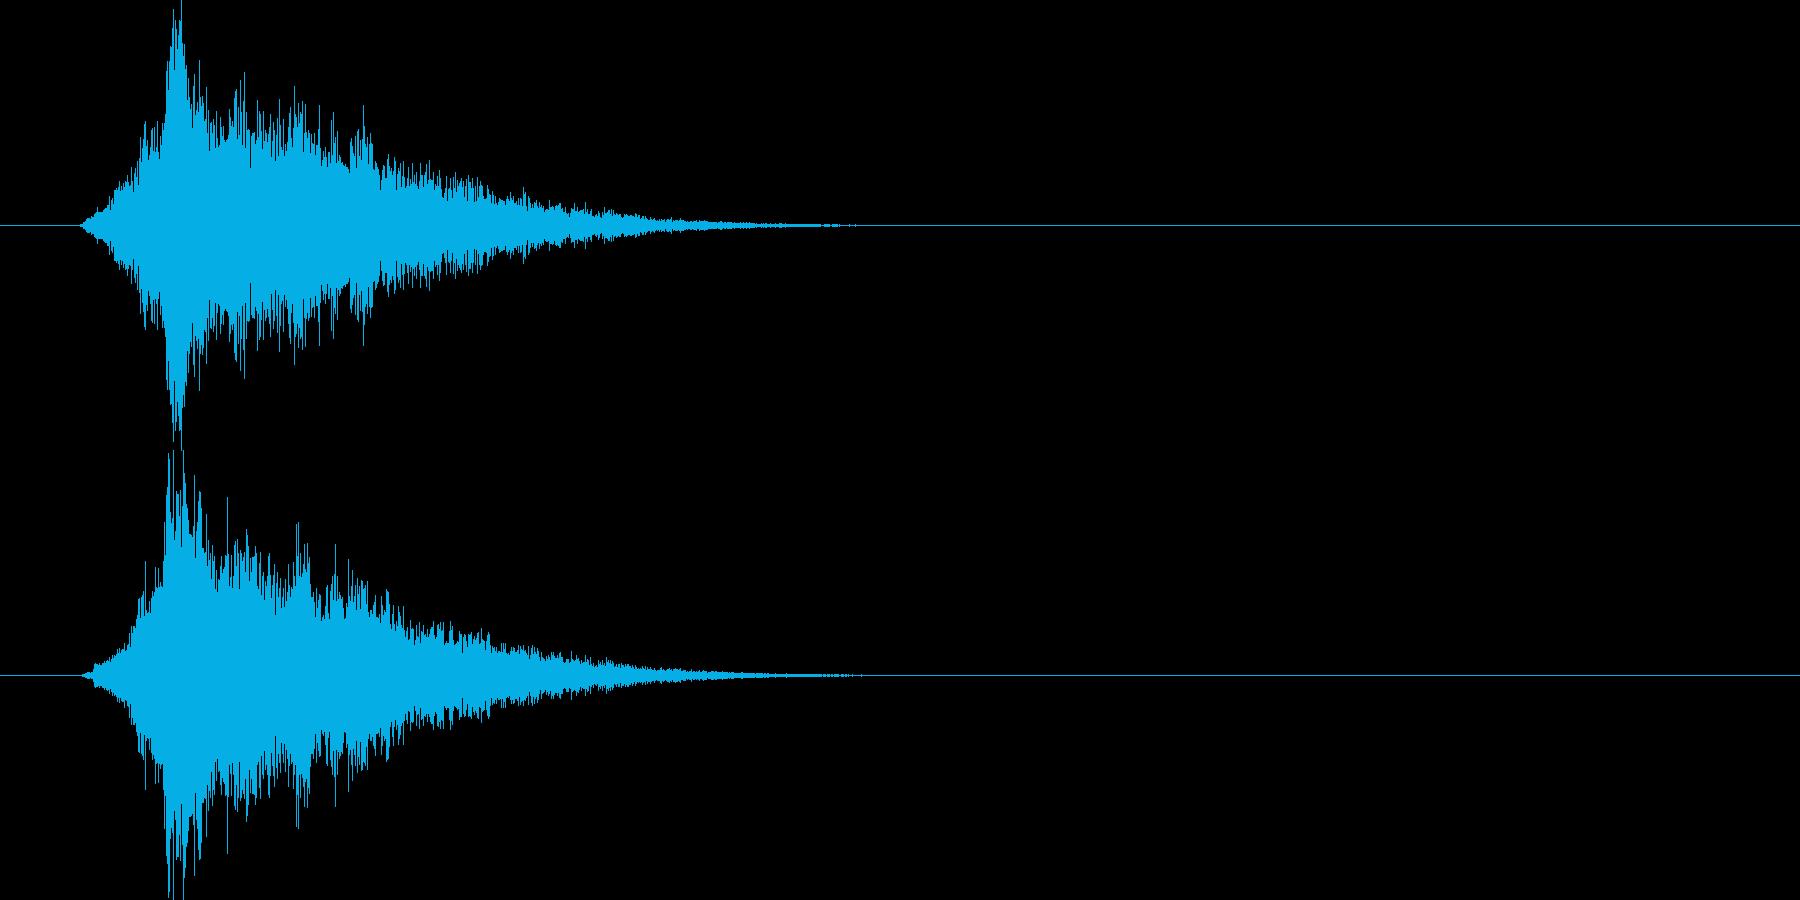 能力がアップする音ですの再生済みの波形